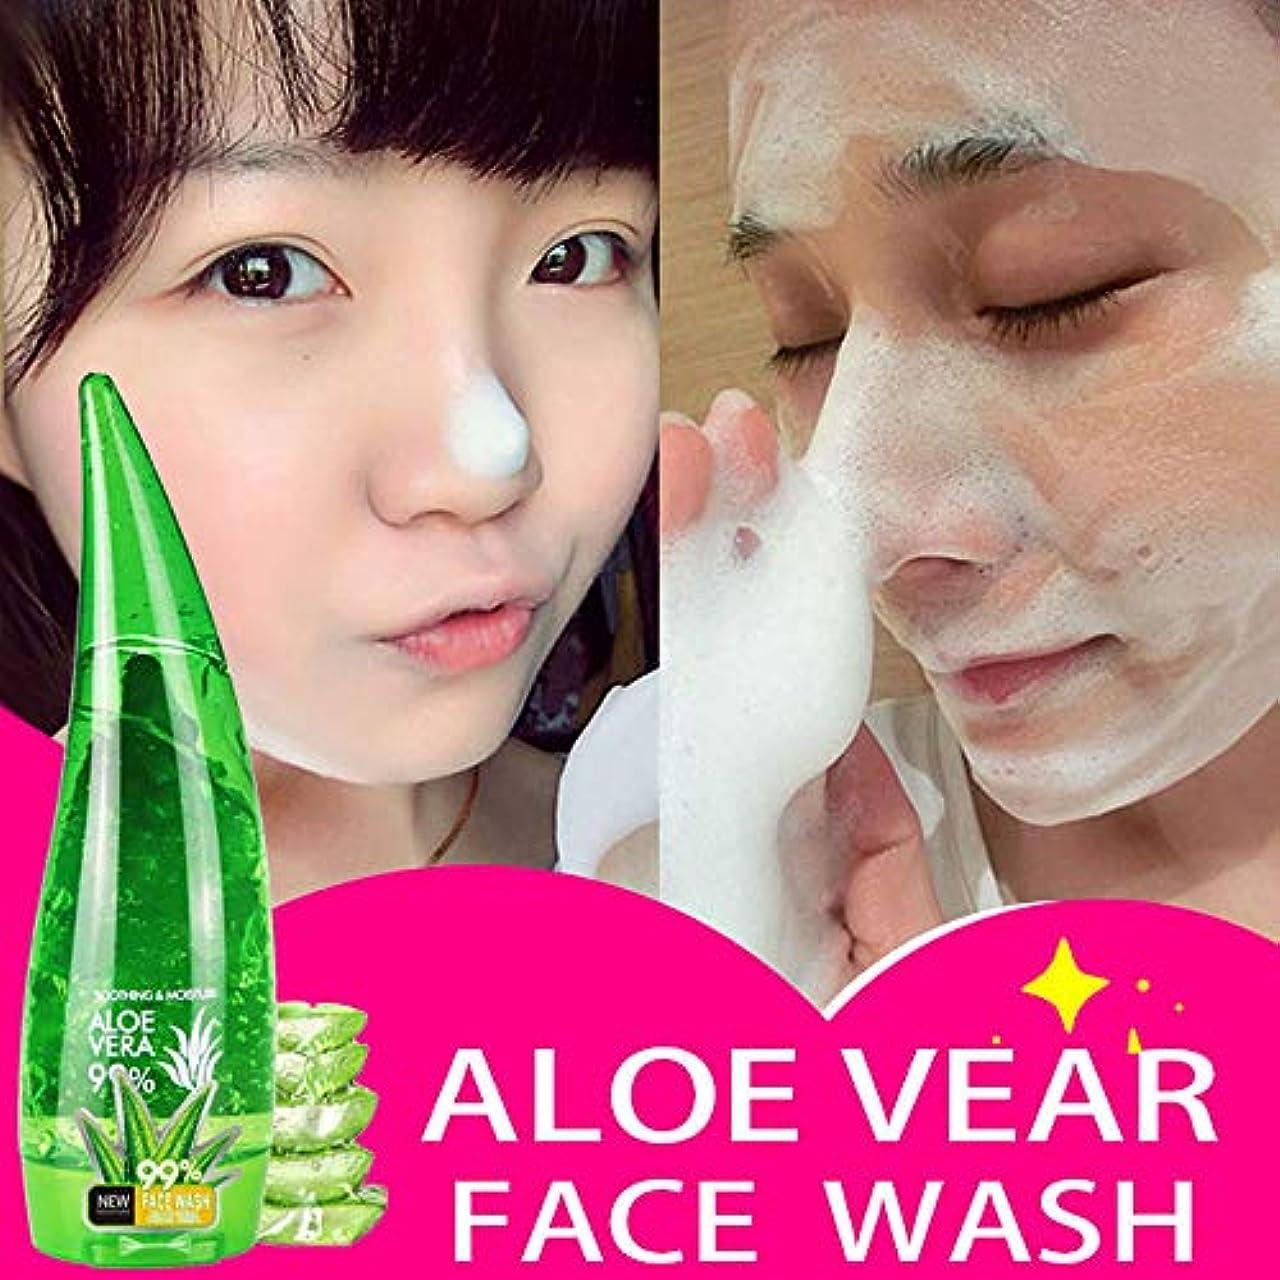 該当するが欲しい偏差Akane Pretty Cowry 顔洗い 綺麗に 素敵 水分補給 保湿 角質除去 クレンジング 浄化 オイルコントロール ジェル 使いやすい 洗顔料 アロエクリーム